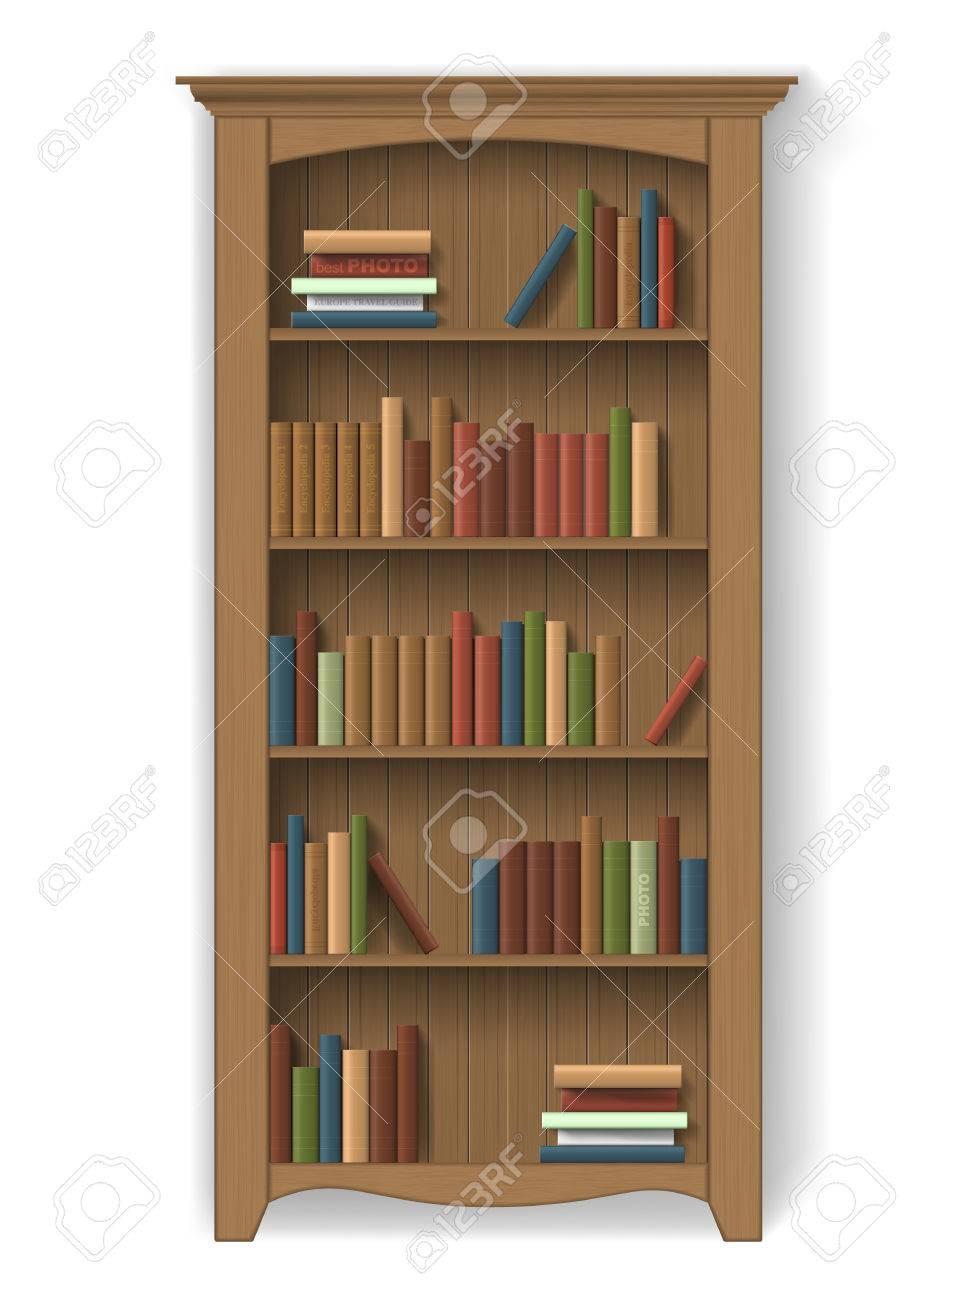 Estantera De Madera Con Libros En Las Estanteras Muebles Para